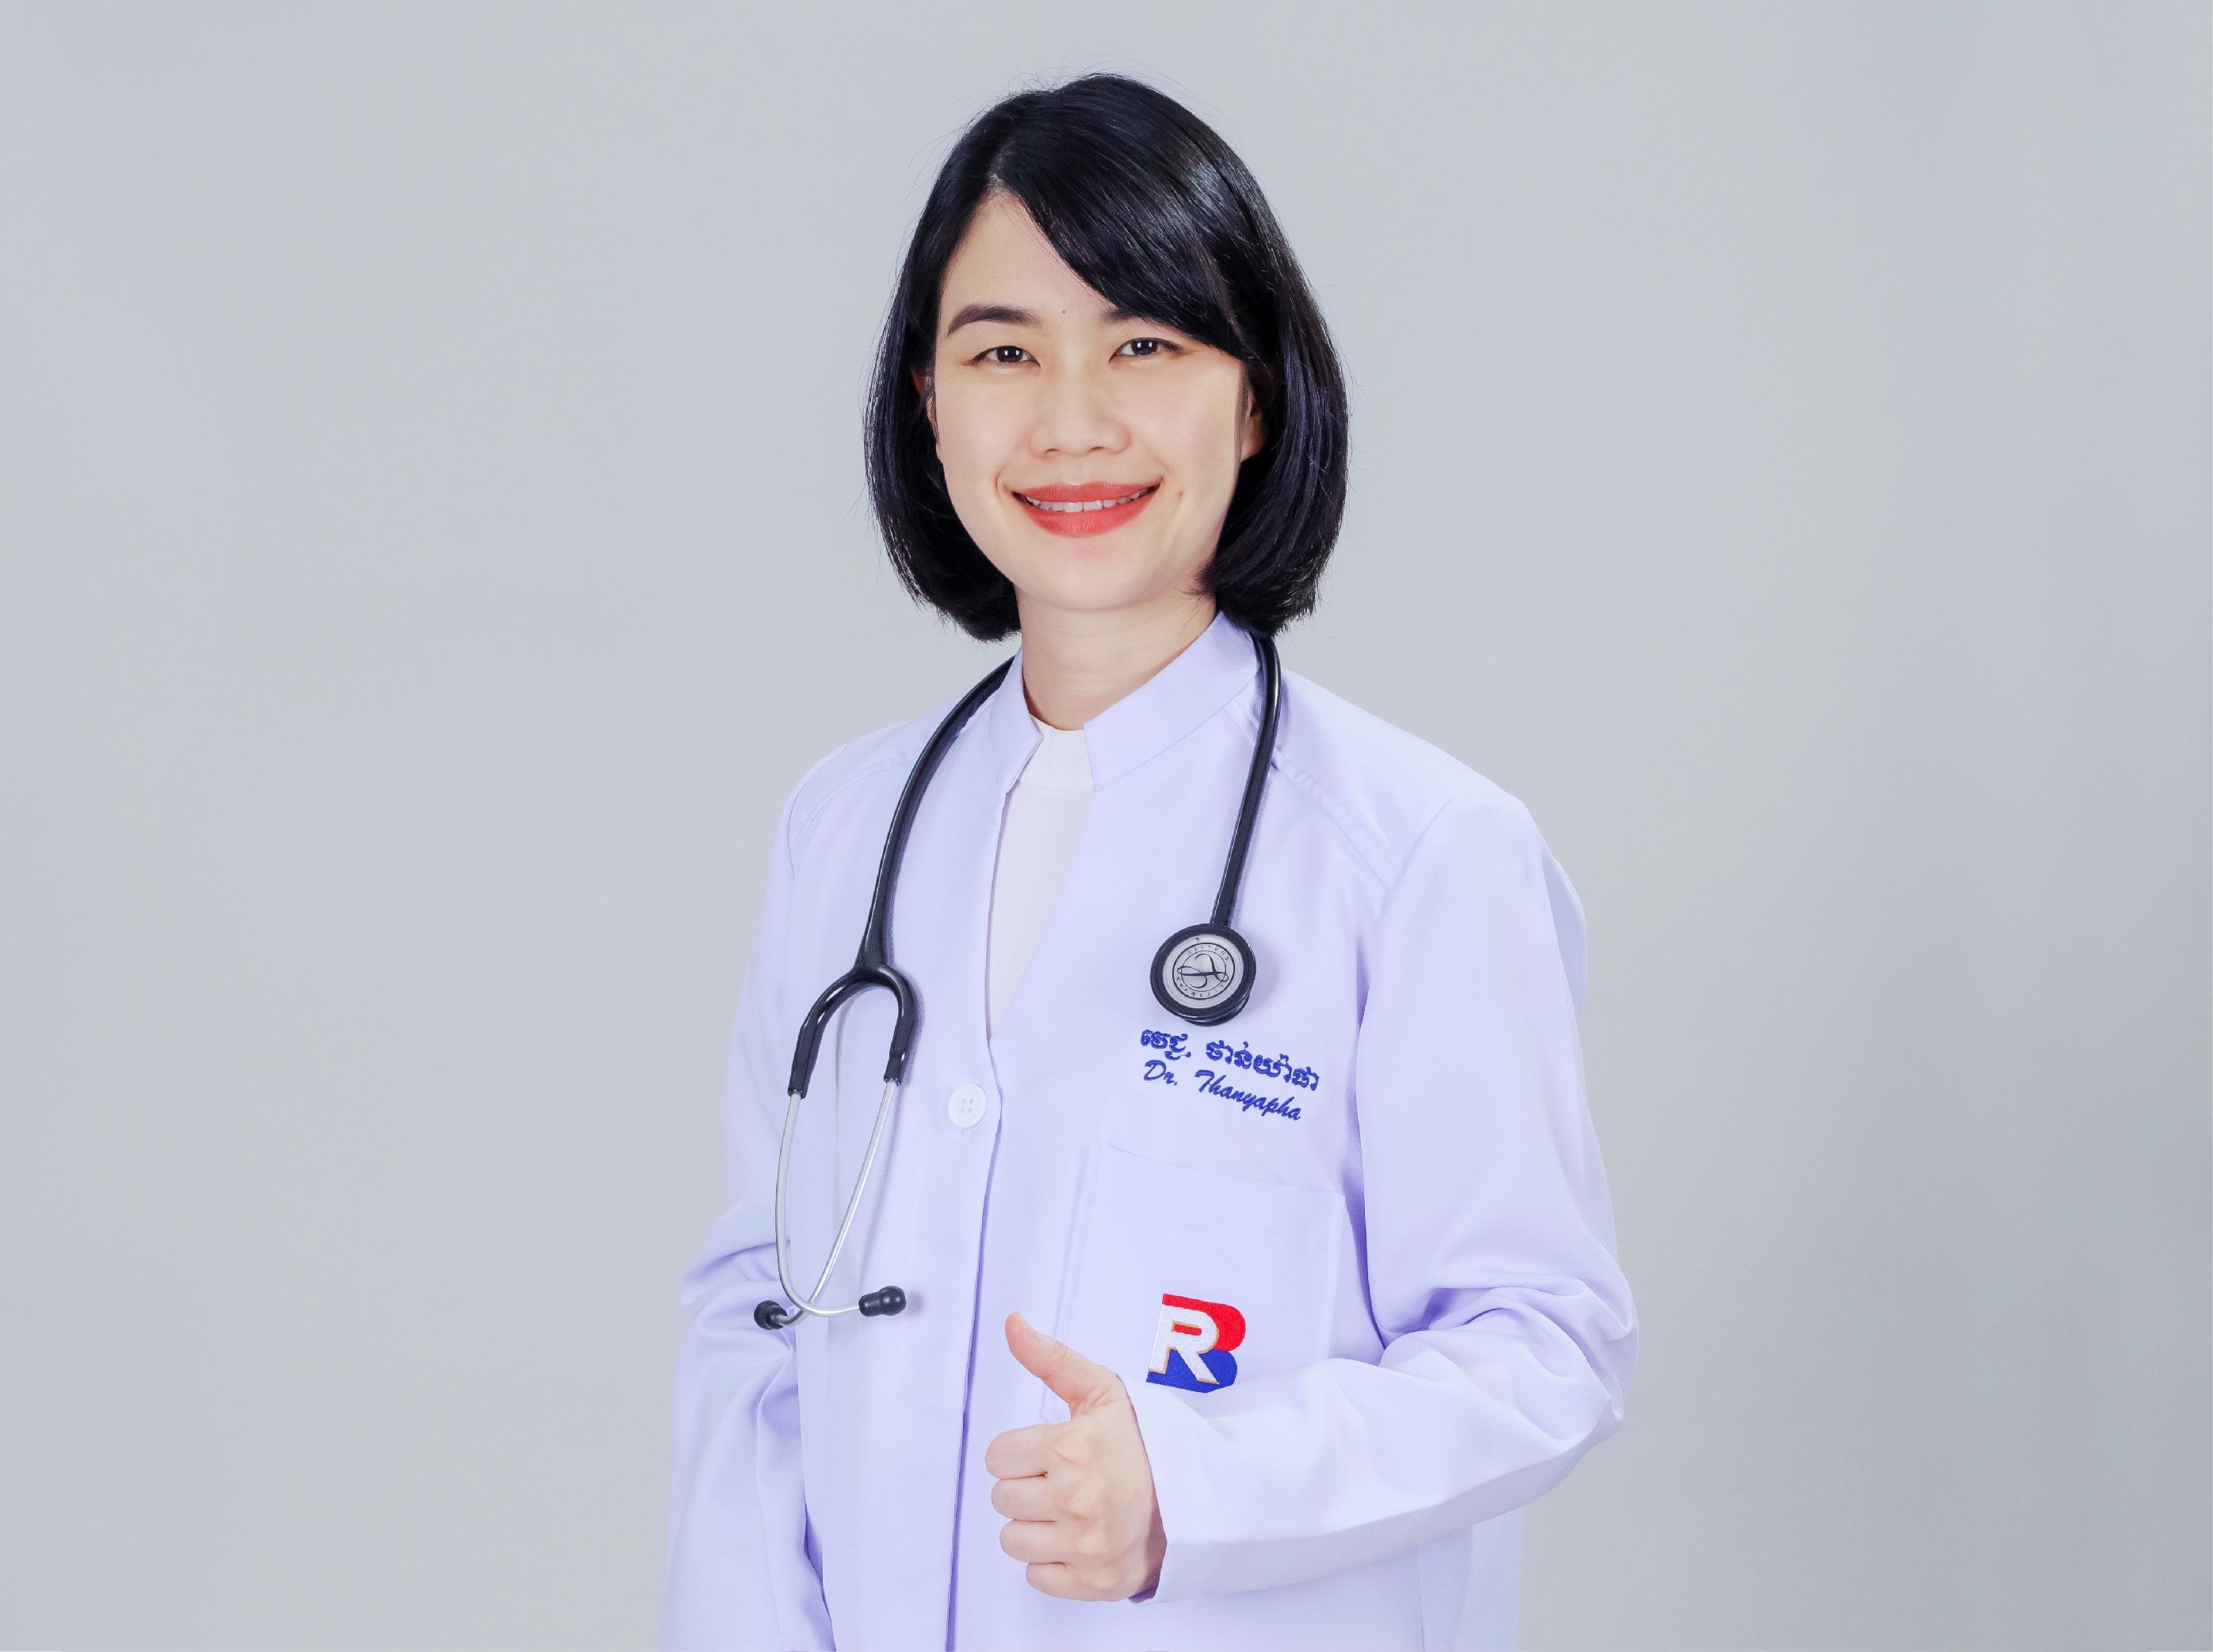 Dr. Thanyapha Srisapuris (TH)